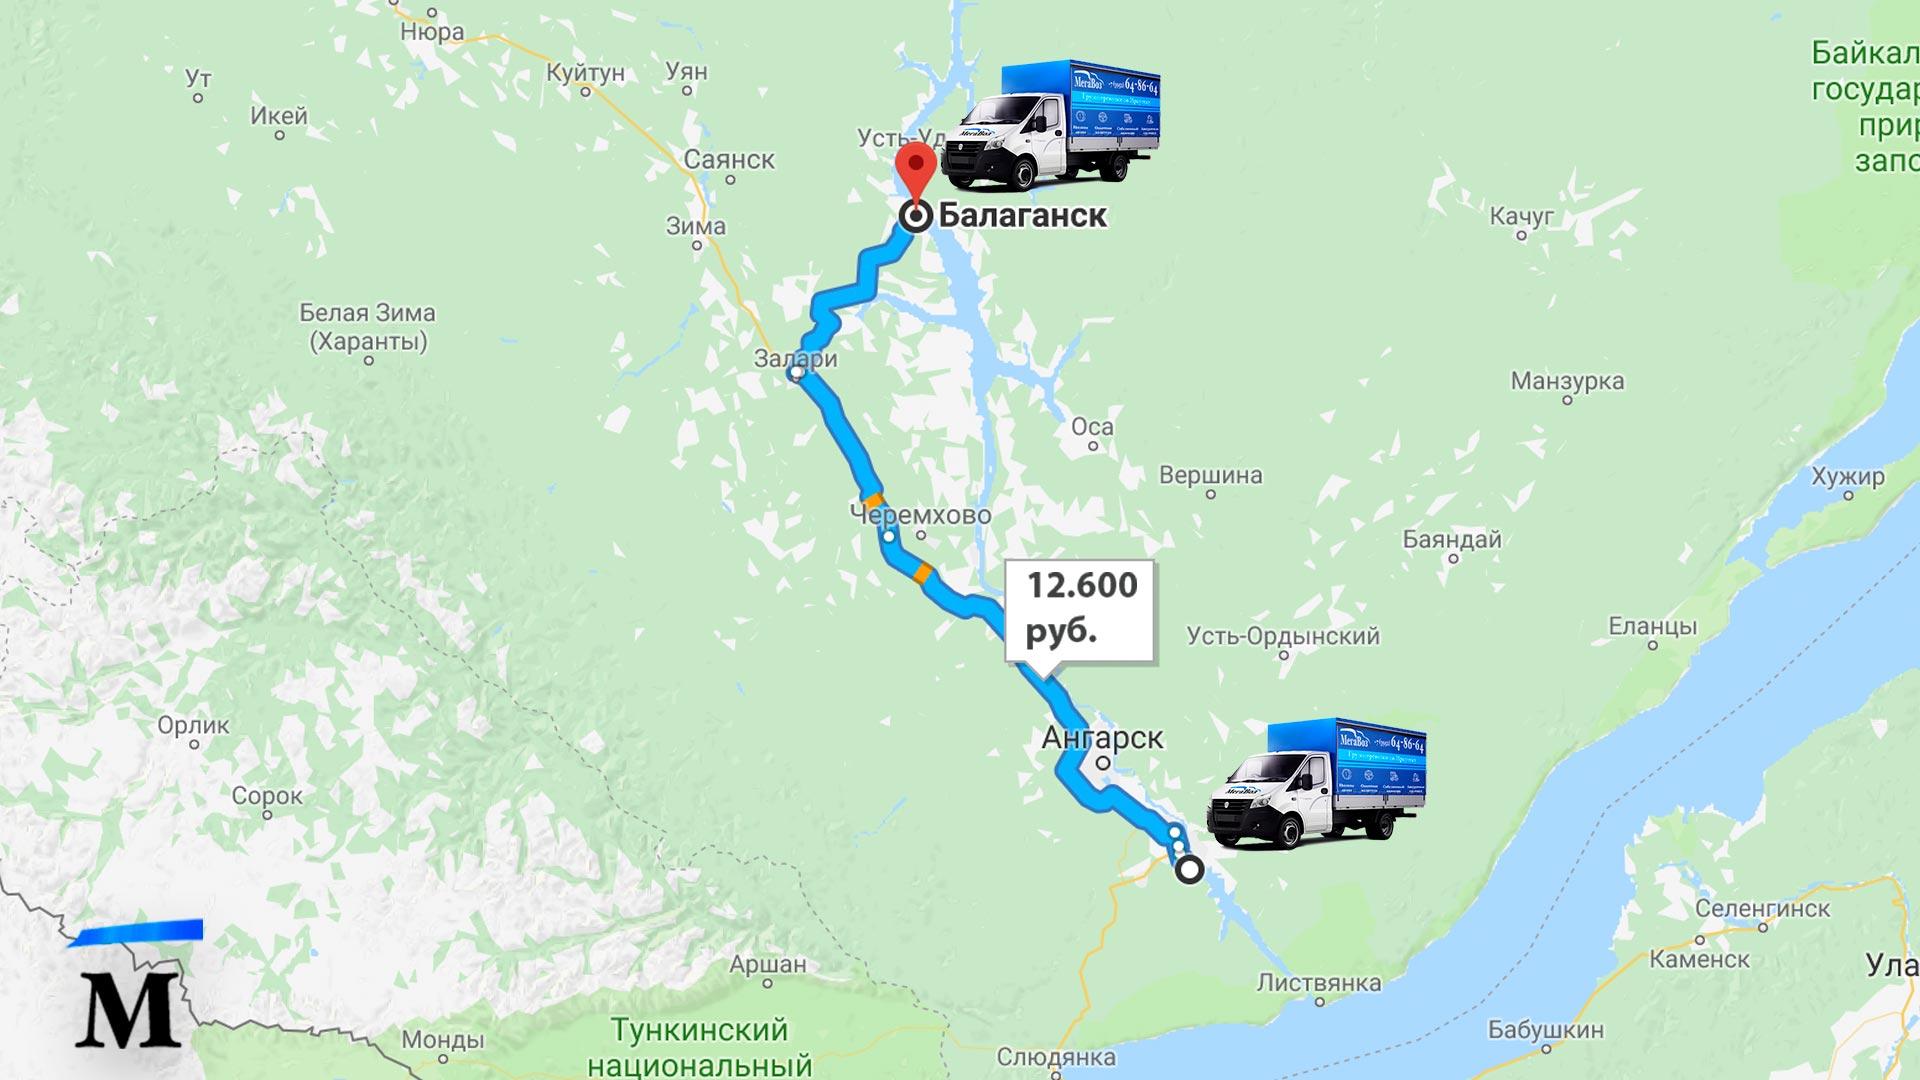 Грузоперевозки с Иркутска в Балаганск